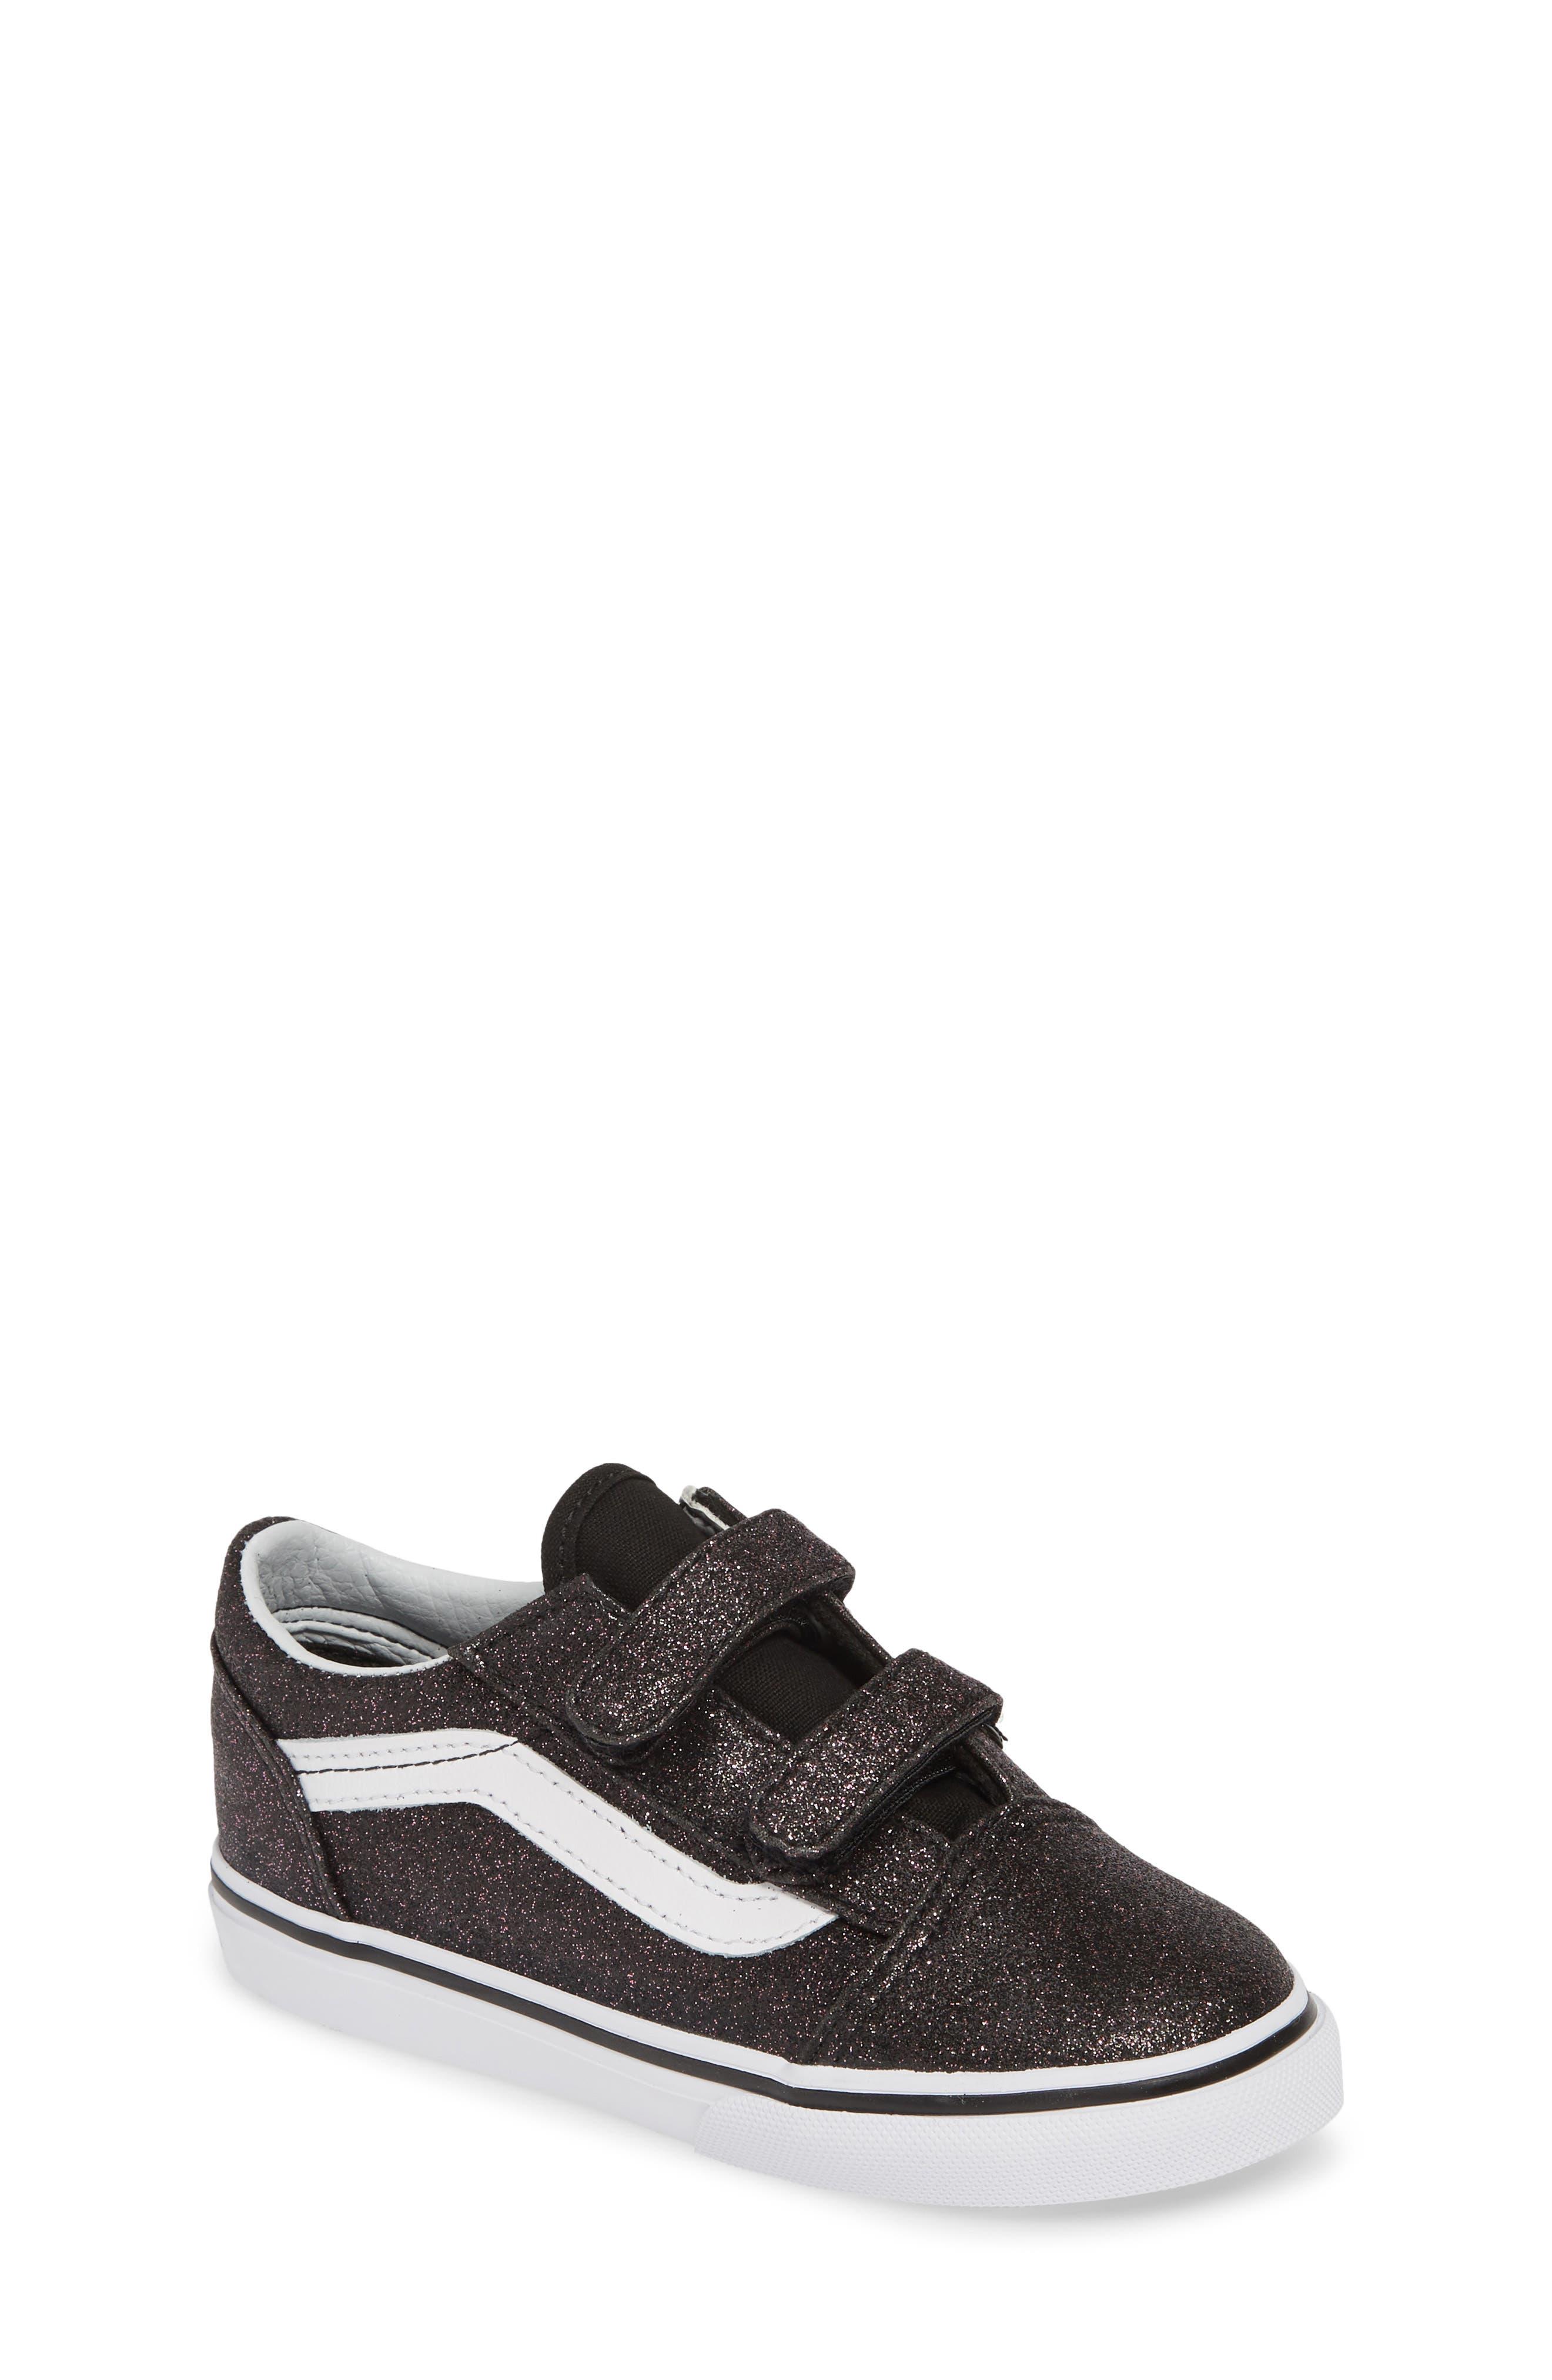 Old Skool V Glitter Sneaker, Main, color, GLITTER STARS BLACK/ WHITE